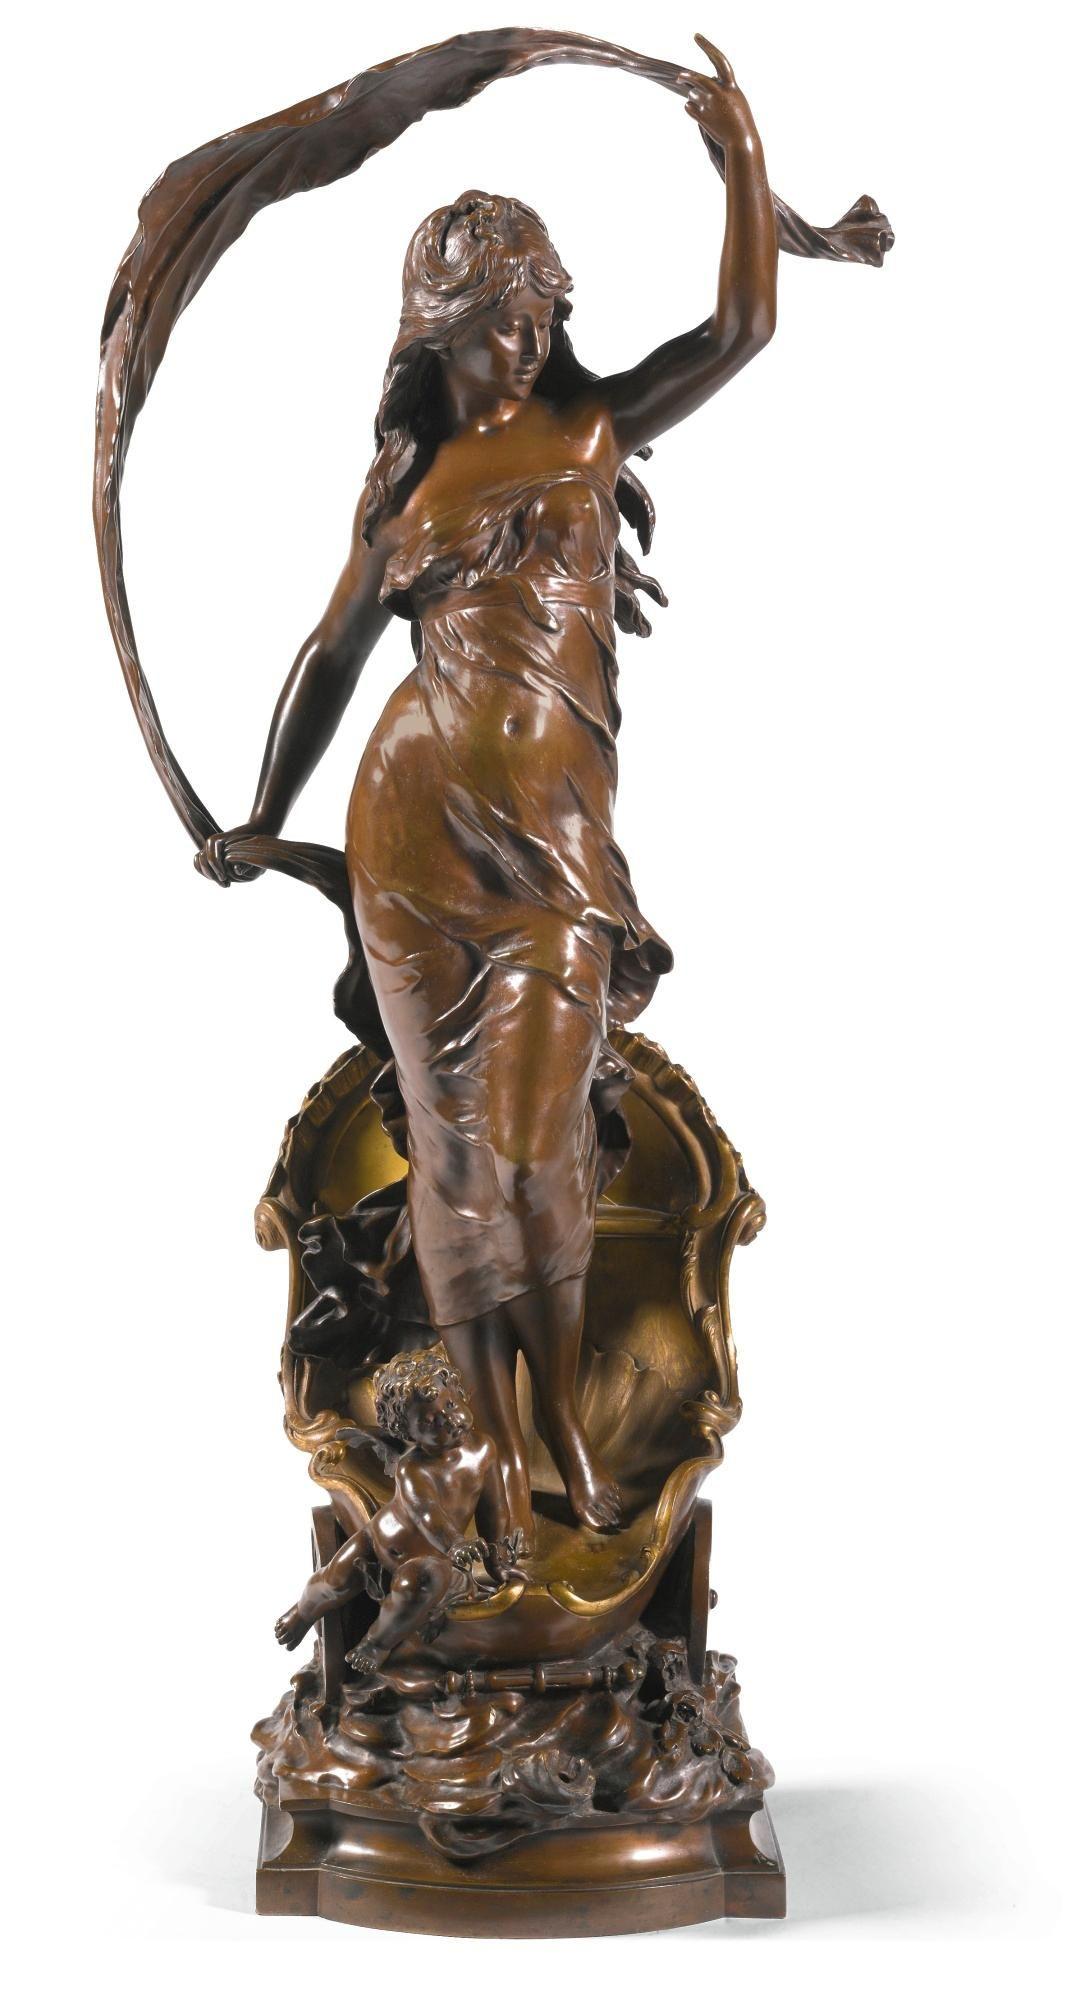 9d2f2be1518 Auguste Moreau Le Char De L Aurore (The Chariot of Aurora) Price ...